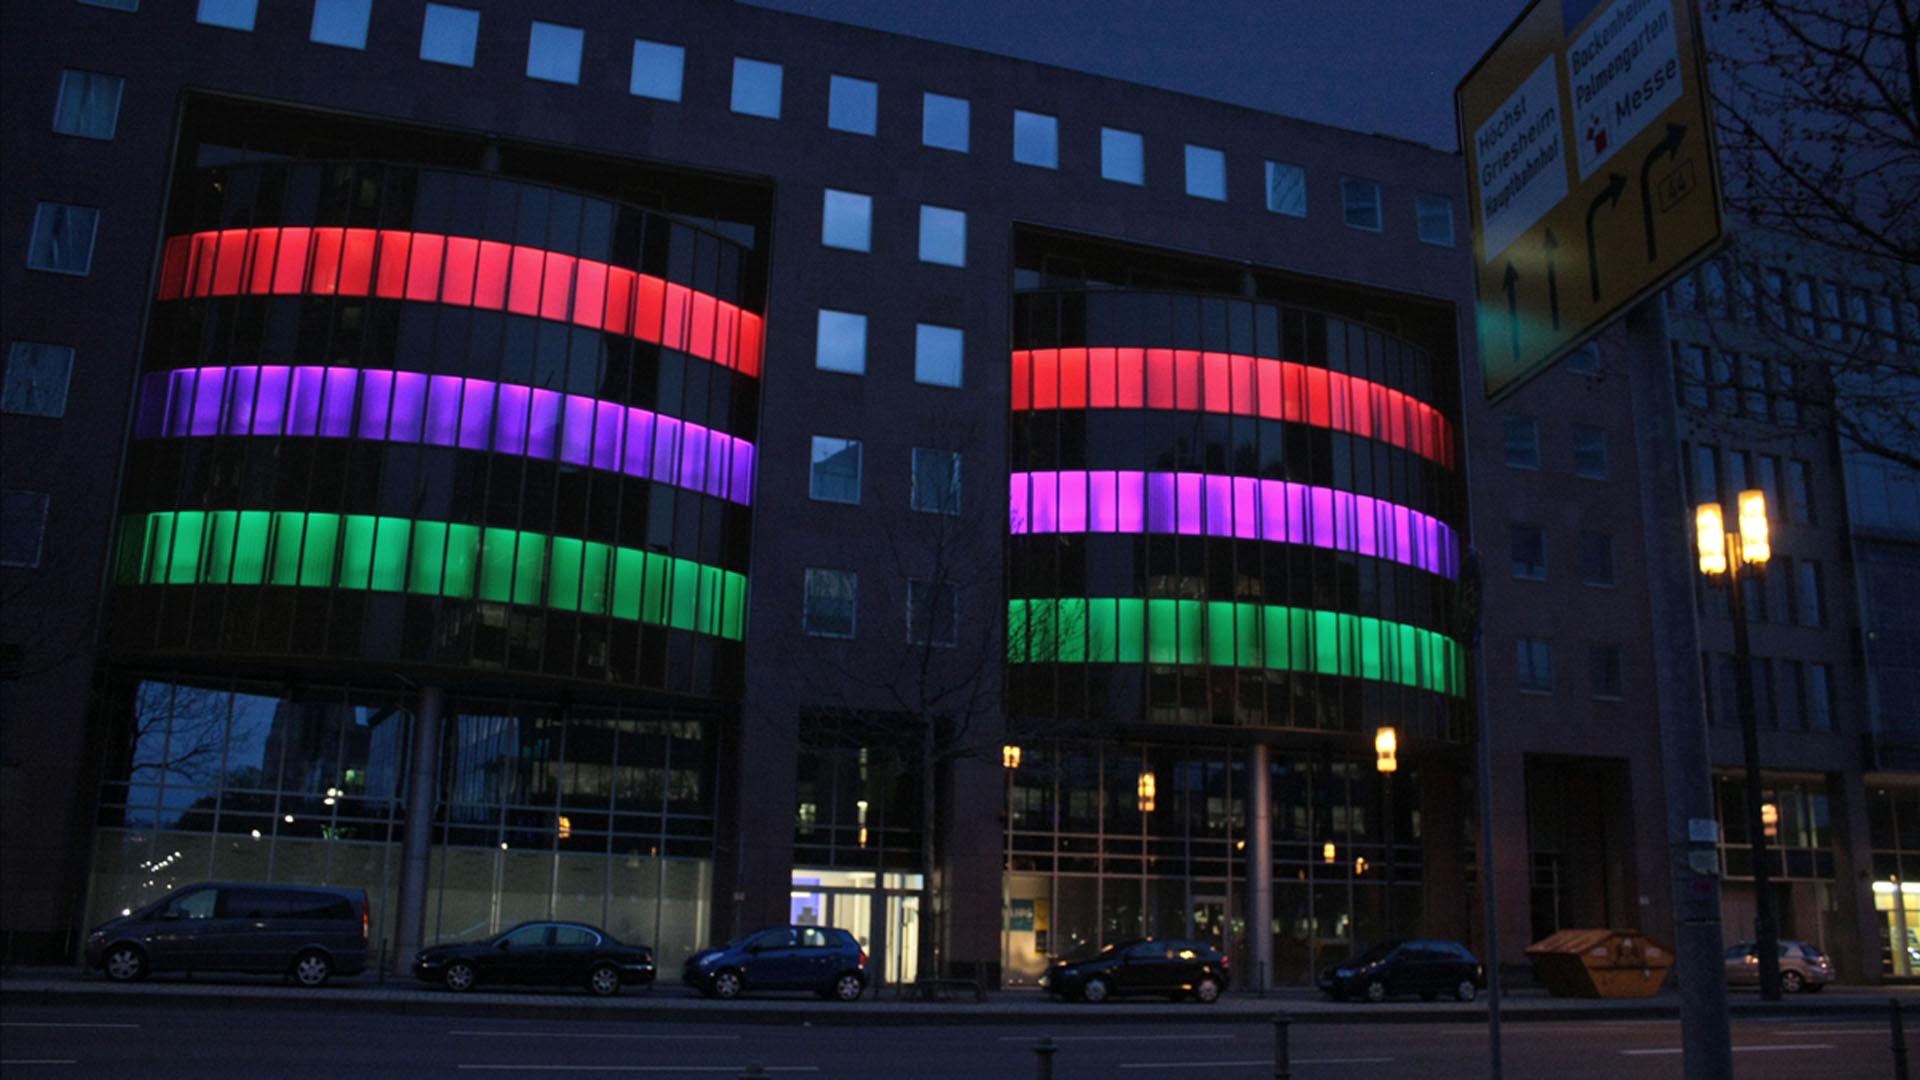 MAASS-Lichtplanung_Lichtkunst zur Luminale 2010__MAASS-HustleBustle-001